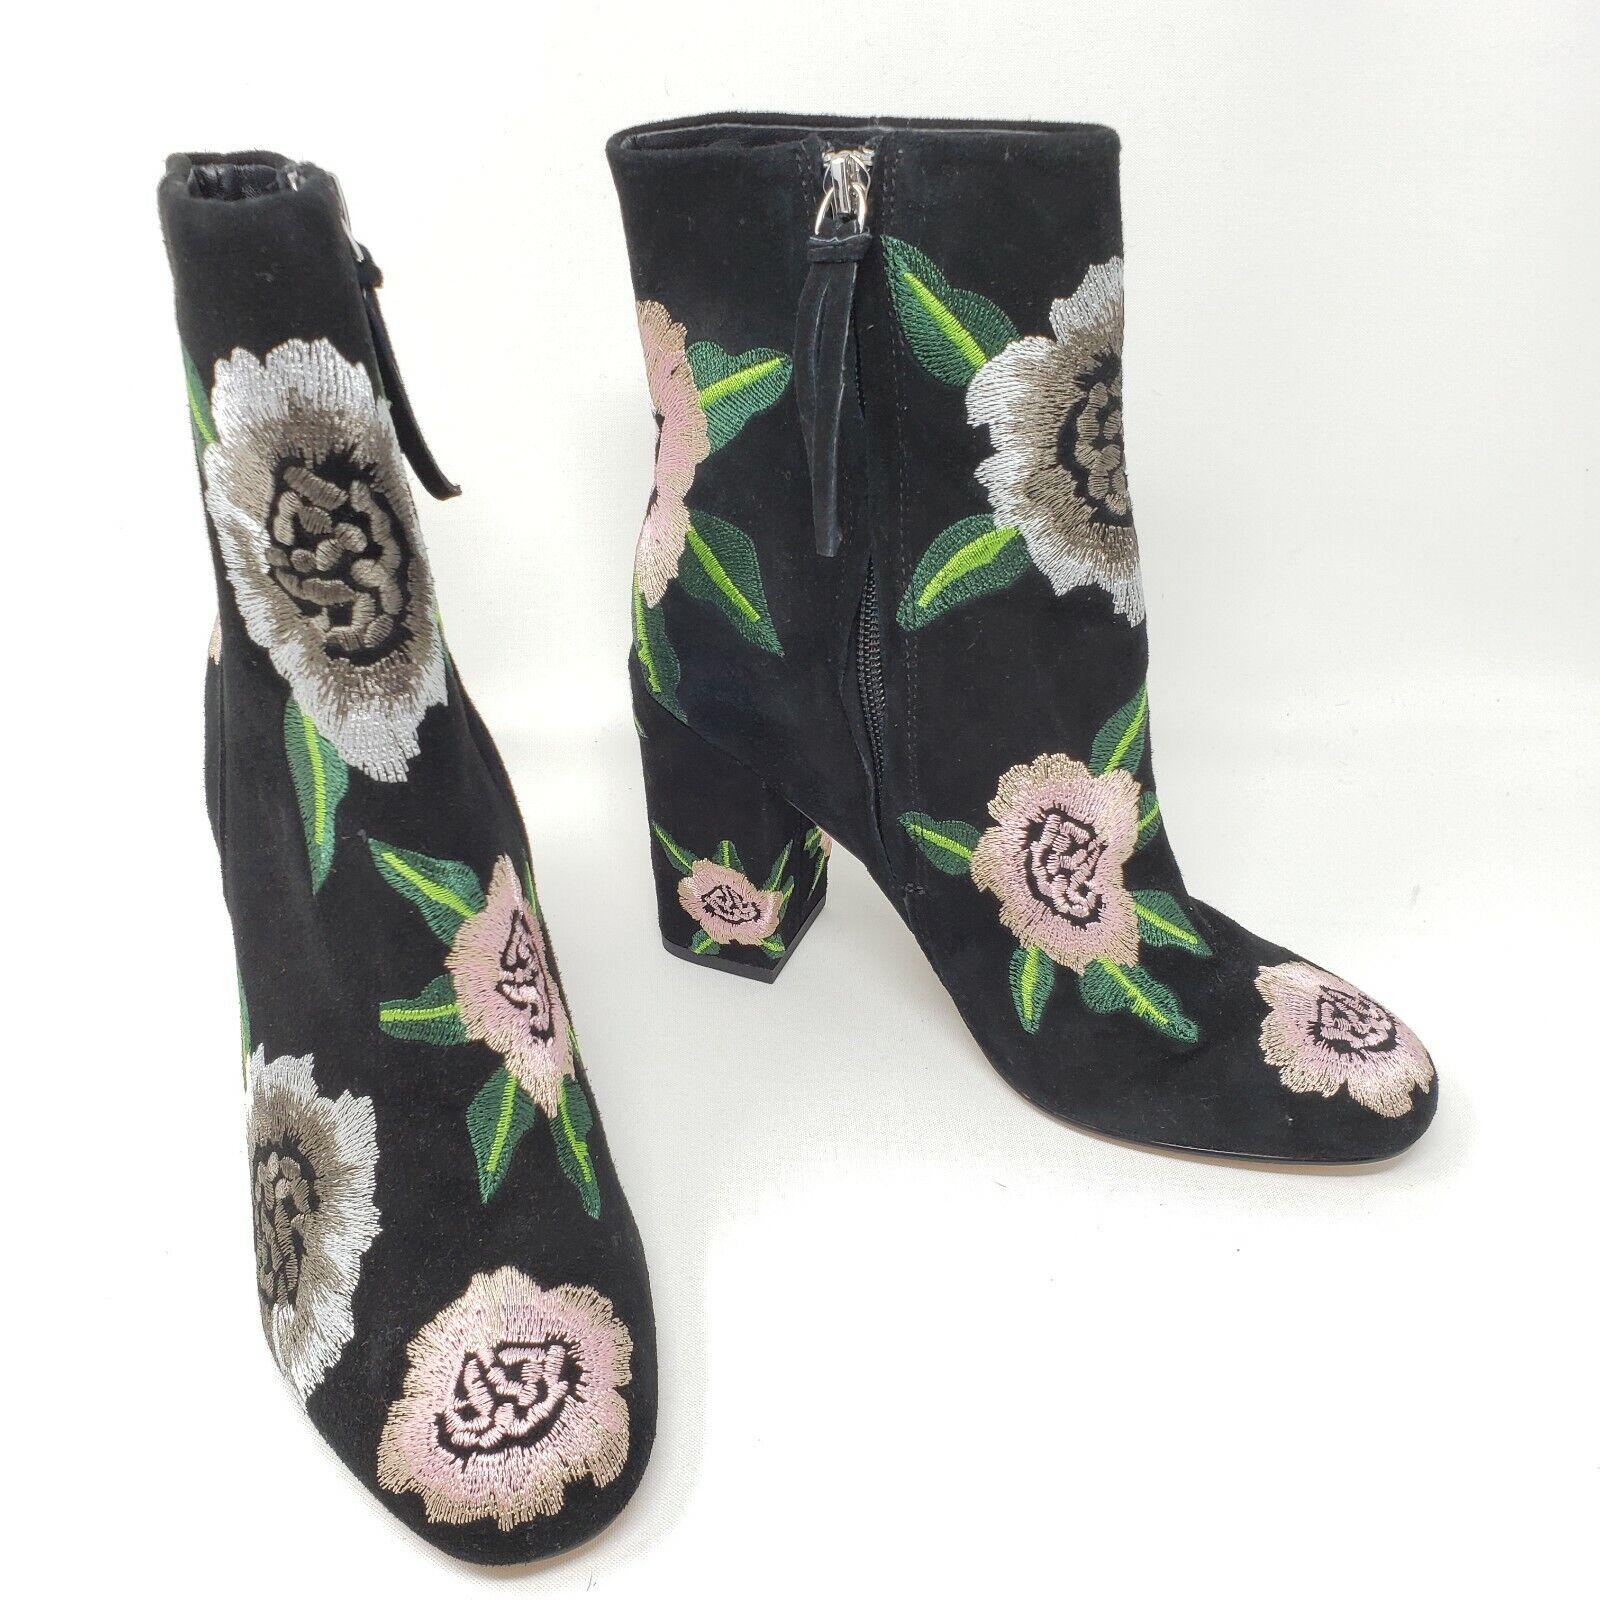 295 Rebecca Minkoff Noir Noir Noir Rose Floral Brodé Bryce cheville Bottes Sz 6.5 NEW 7100c0